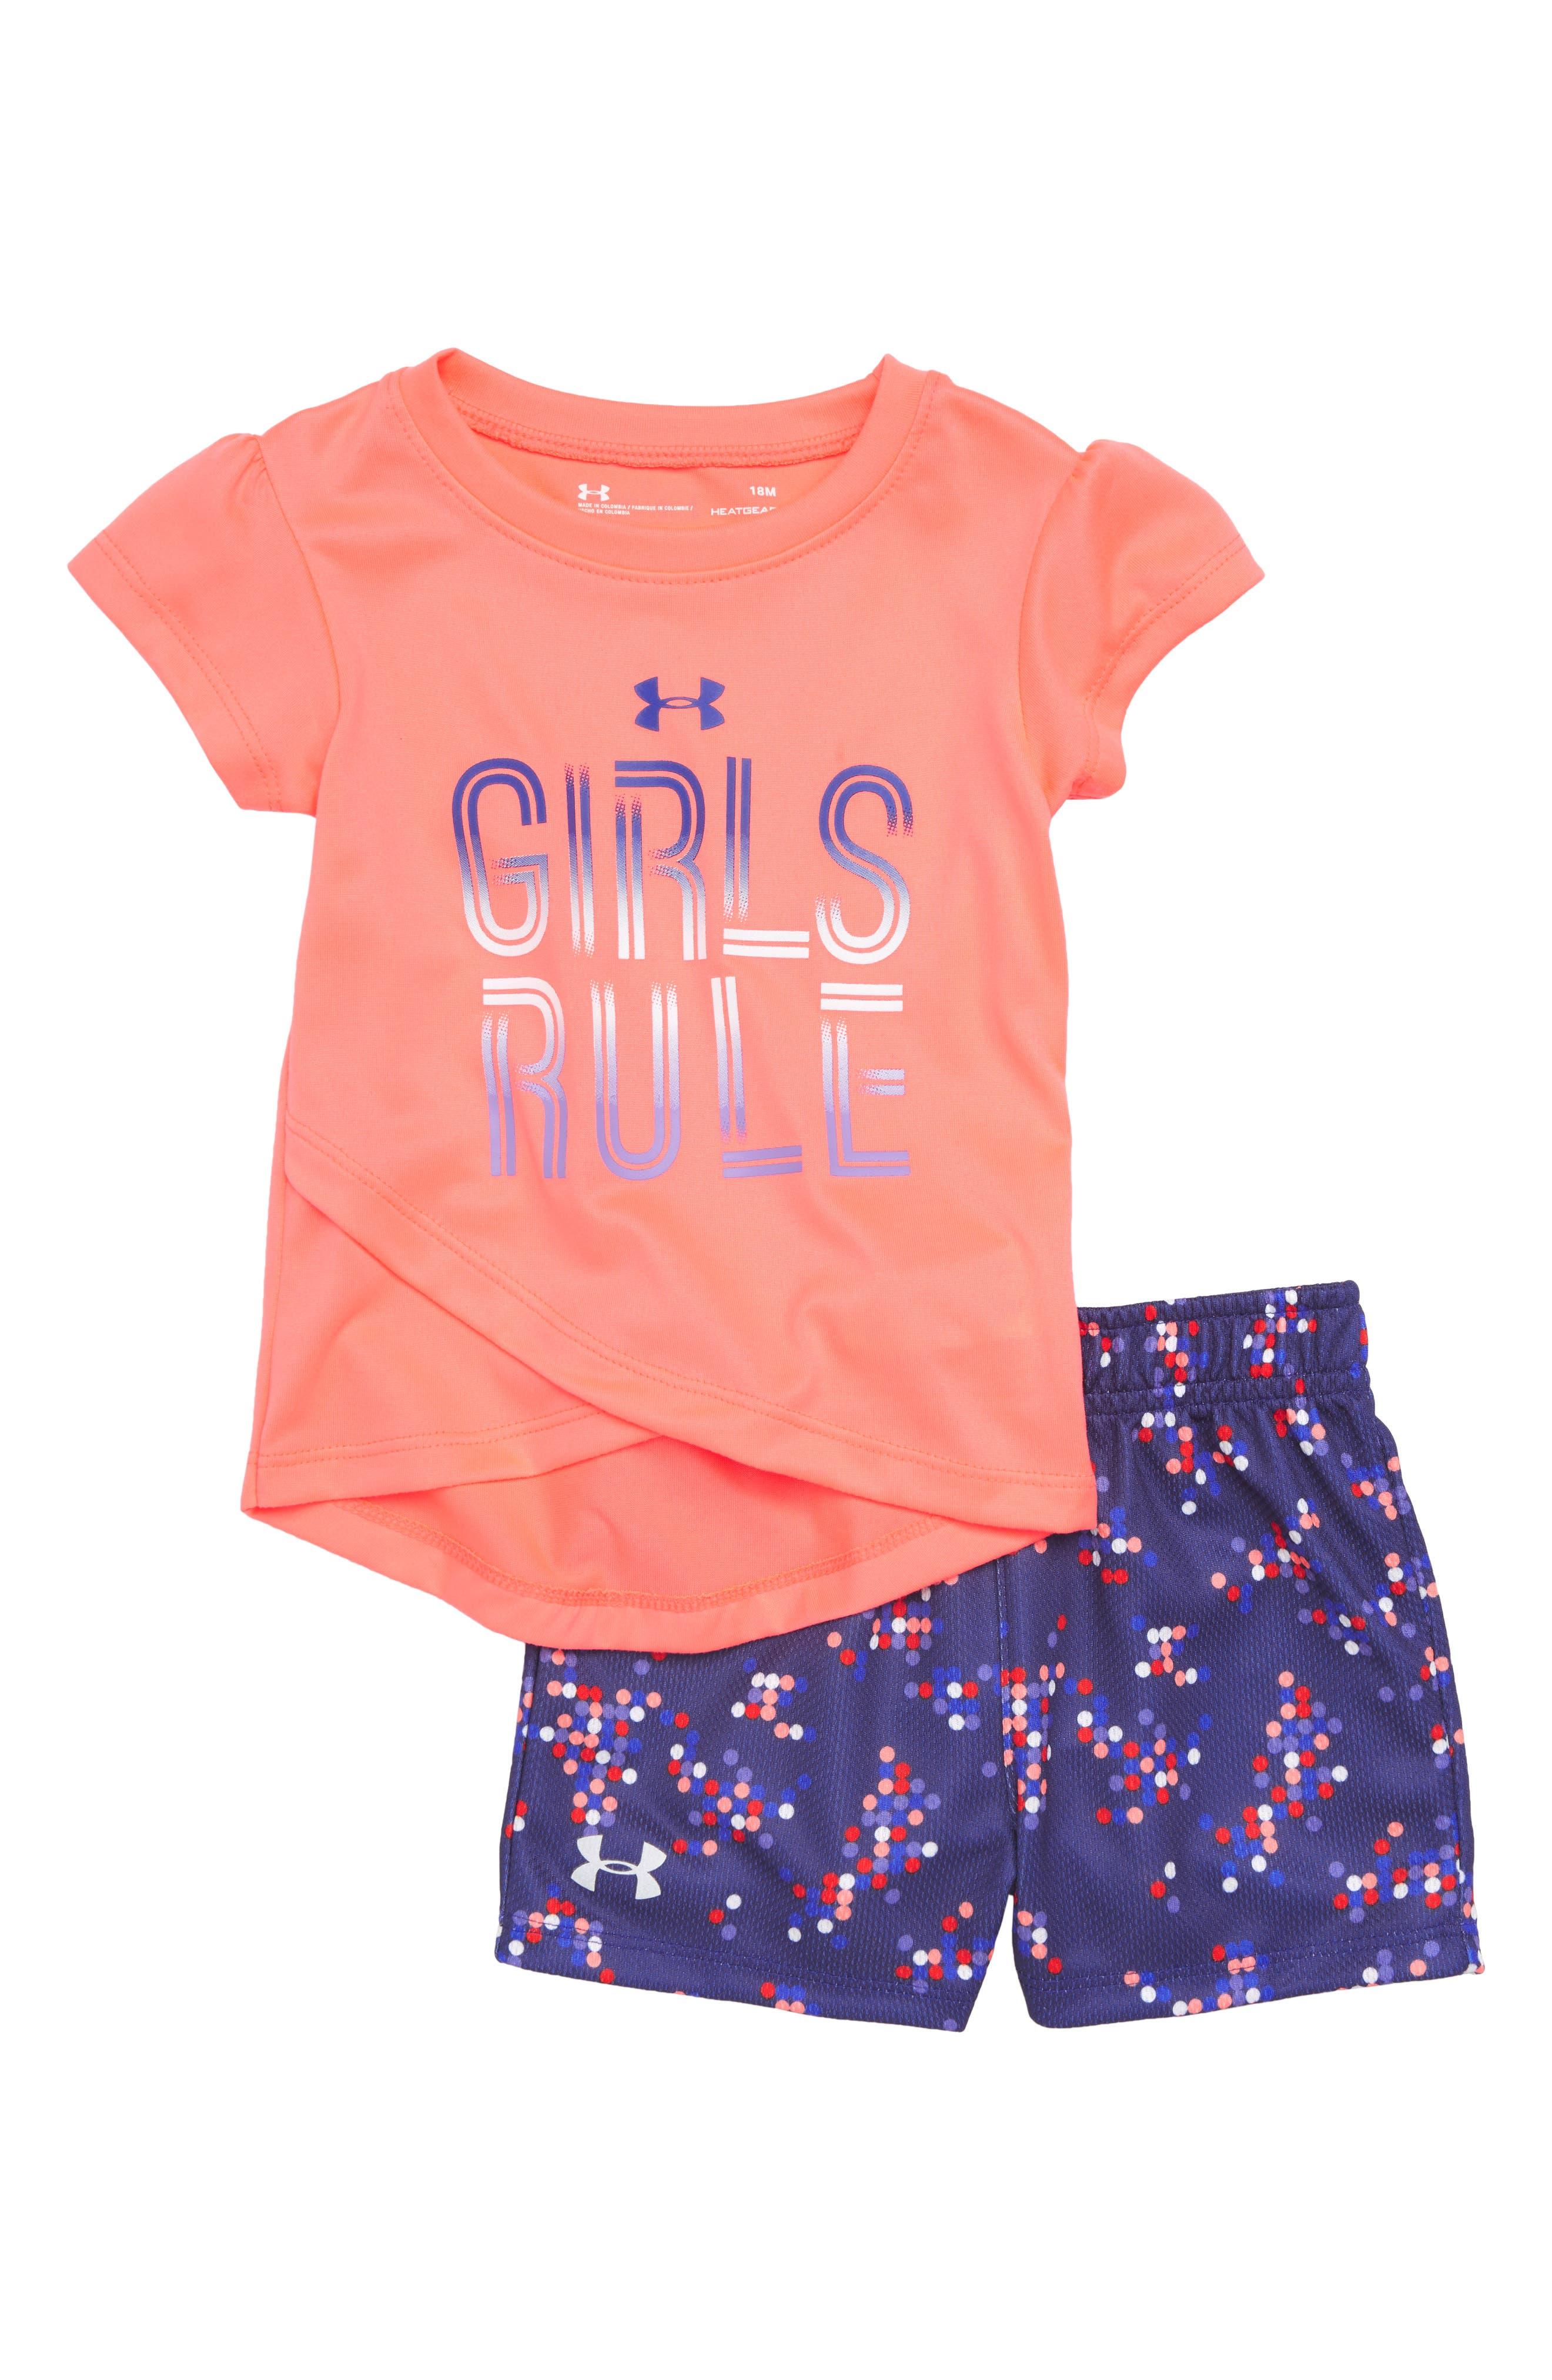 Girls Rule Tee & Shorts Set,                             Main thumbnail 1, color,                             Brillance